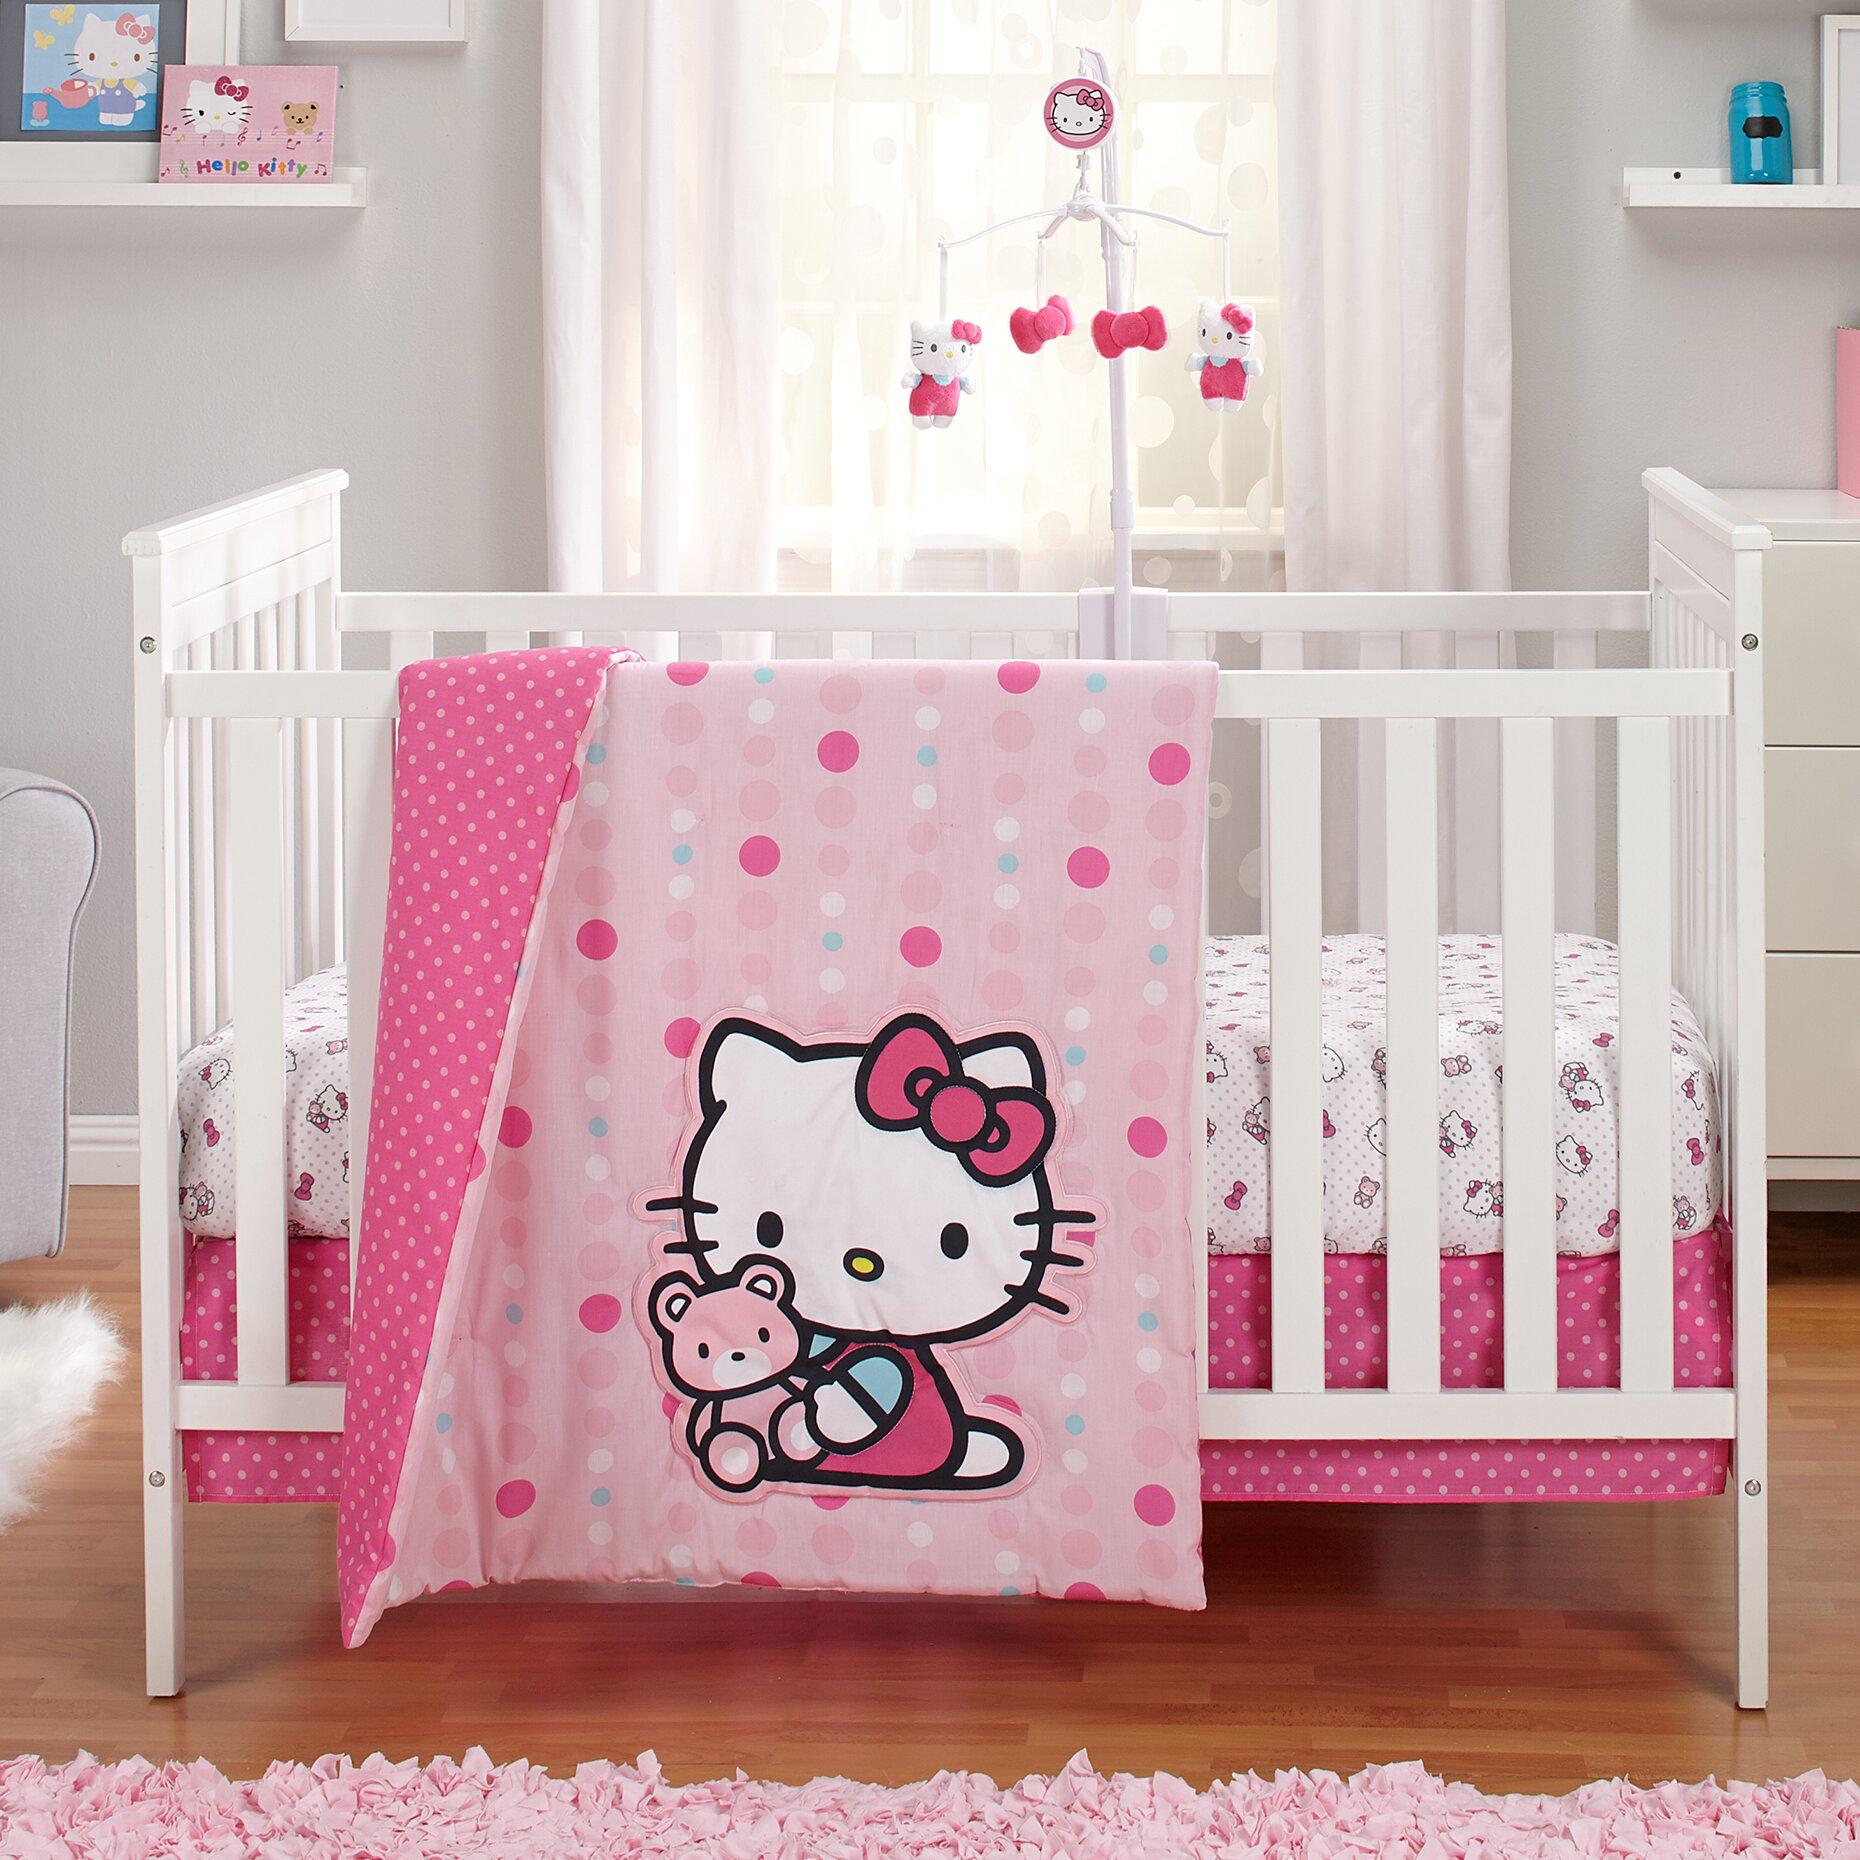 Hello kitty crib for sale - Hello Kitty Cute As A Button 3 Piece Crib Bedding Set